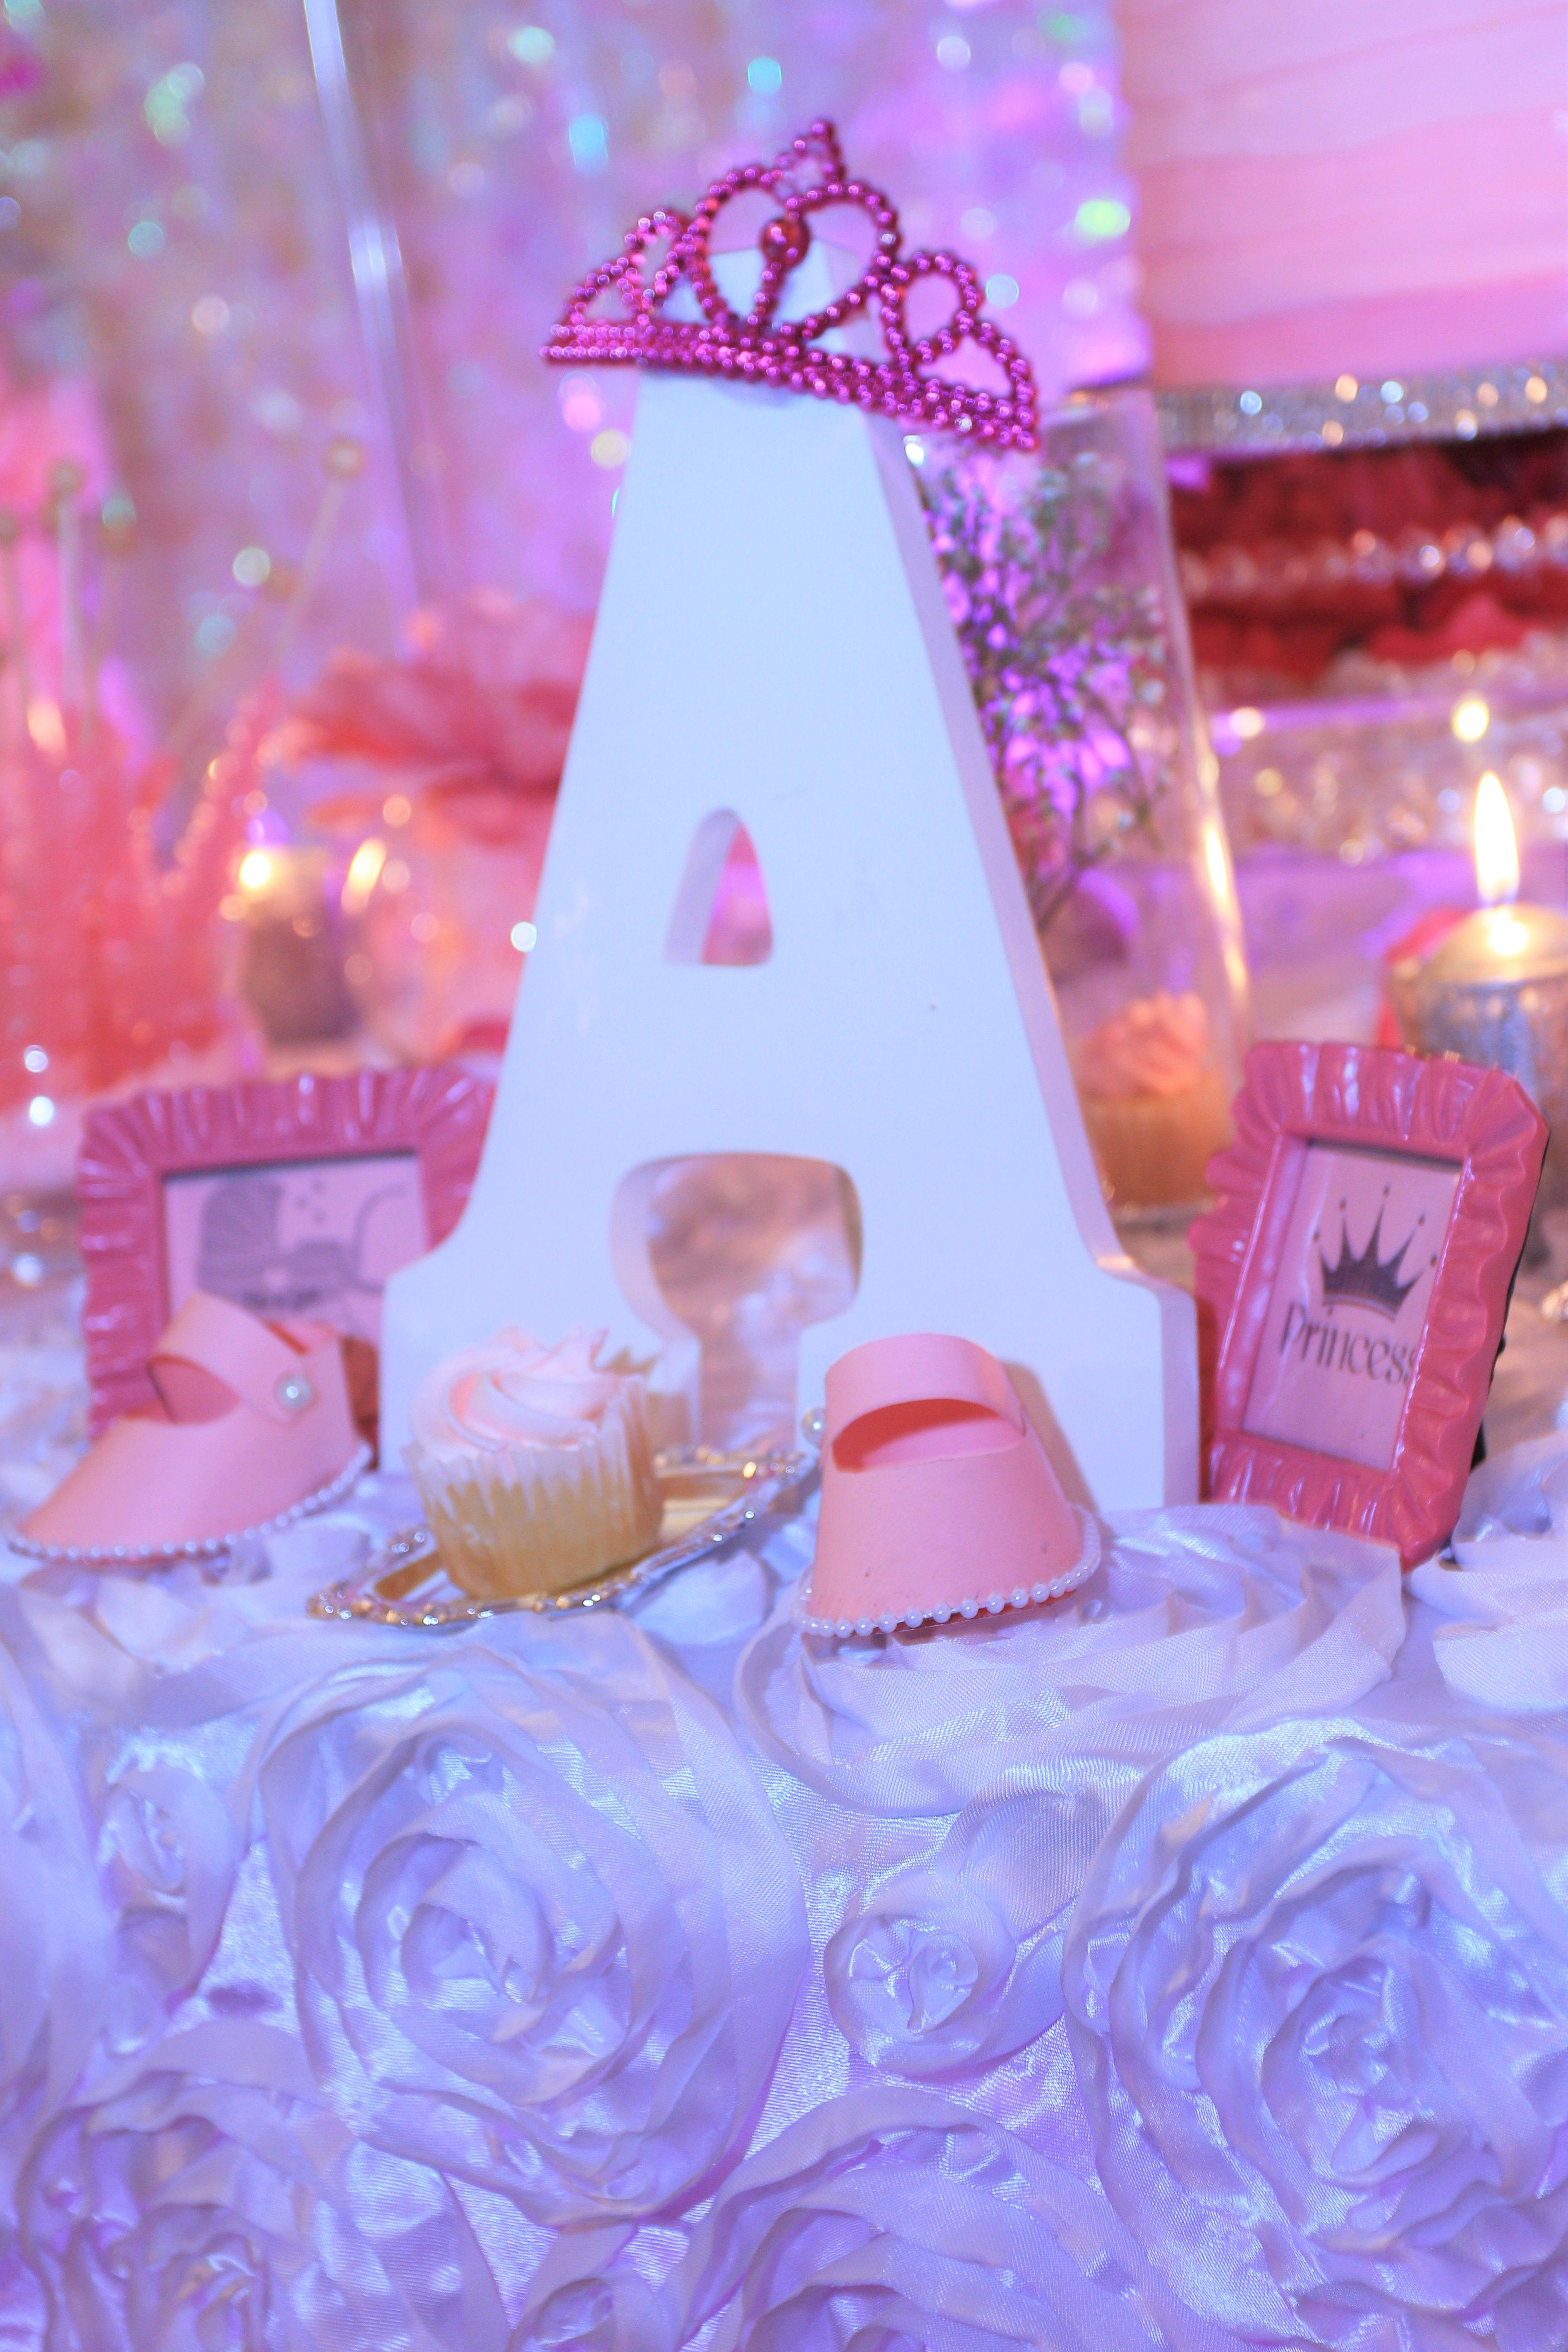 Decoracion Baby Shower Nina De Princesa.Celebrating Baby Aubrey Baby Shower Duchas De Bebe